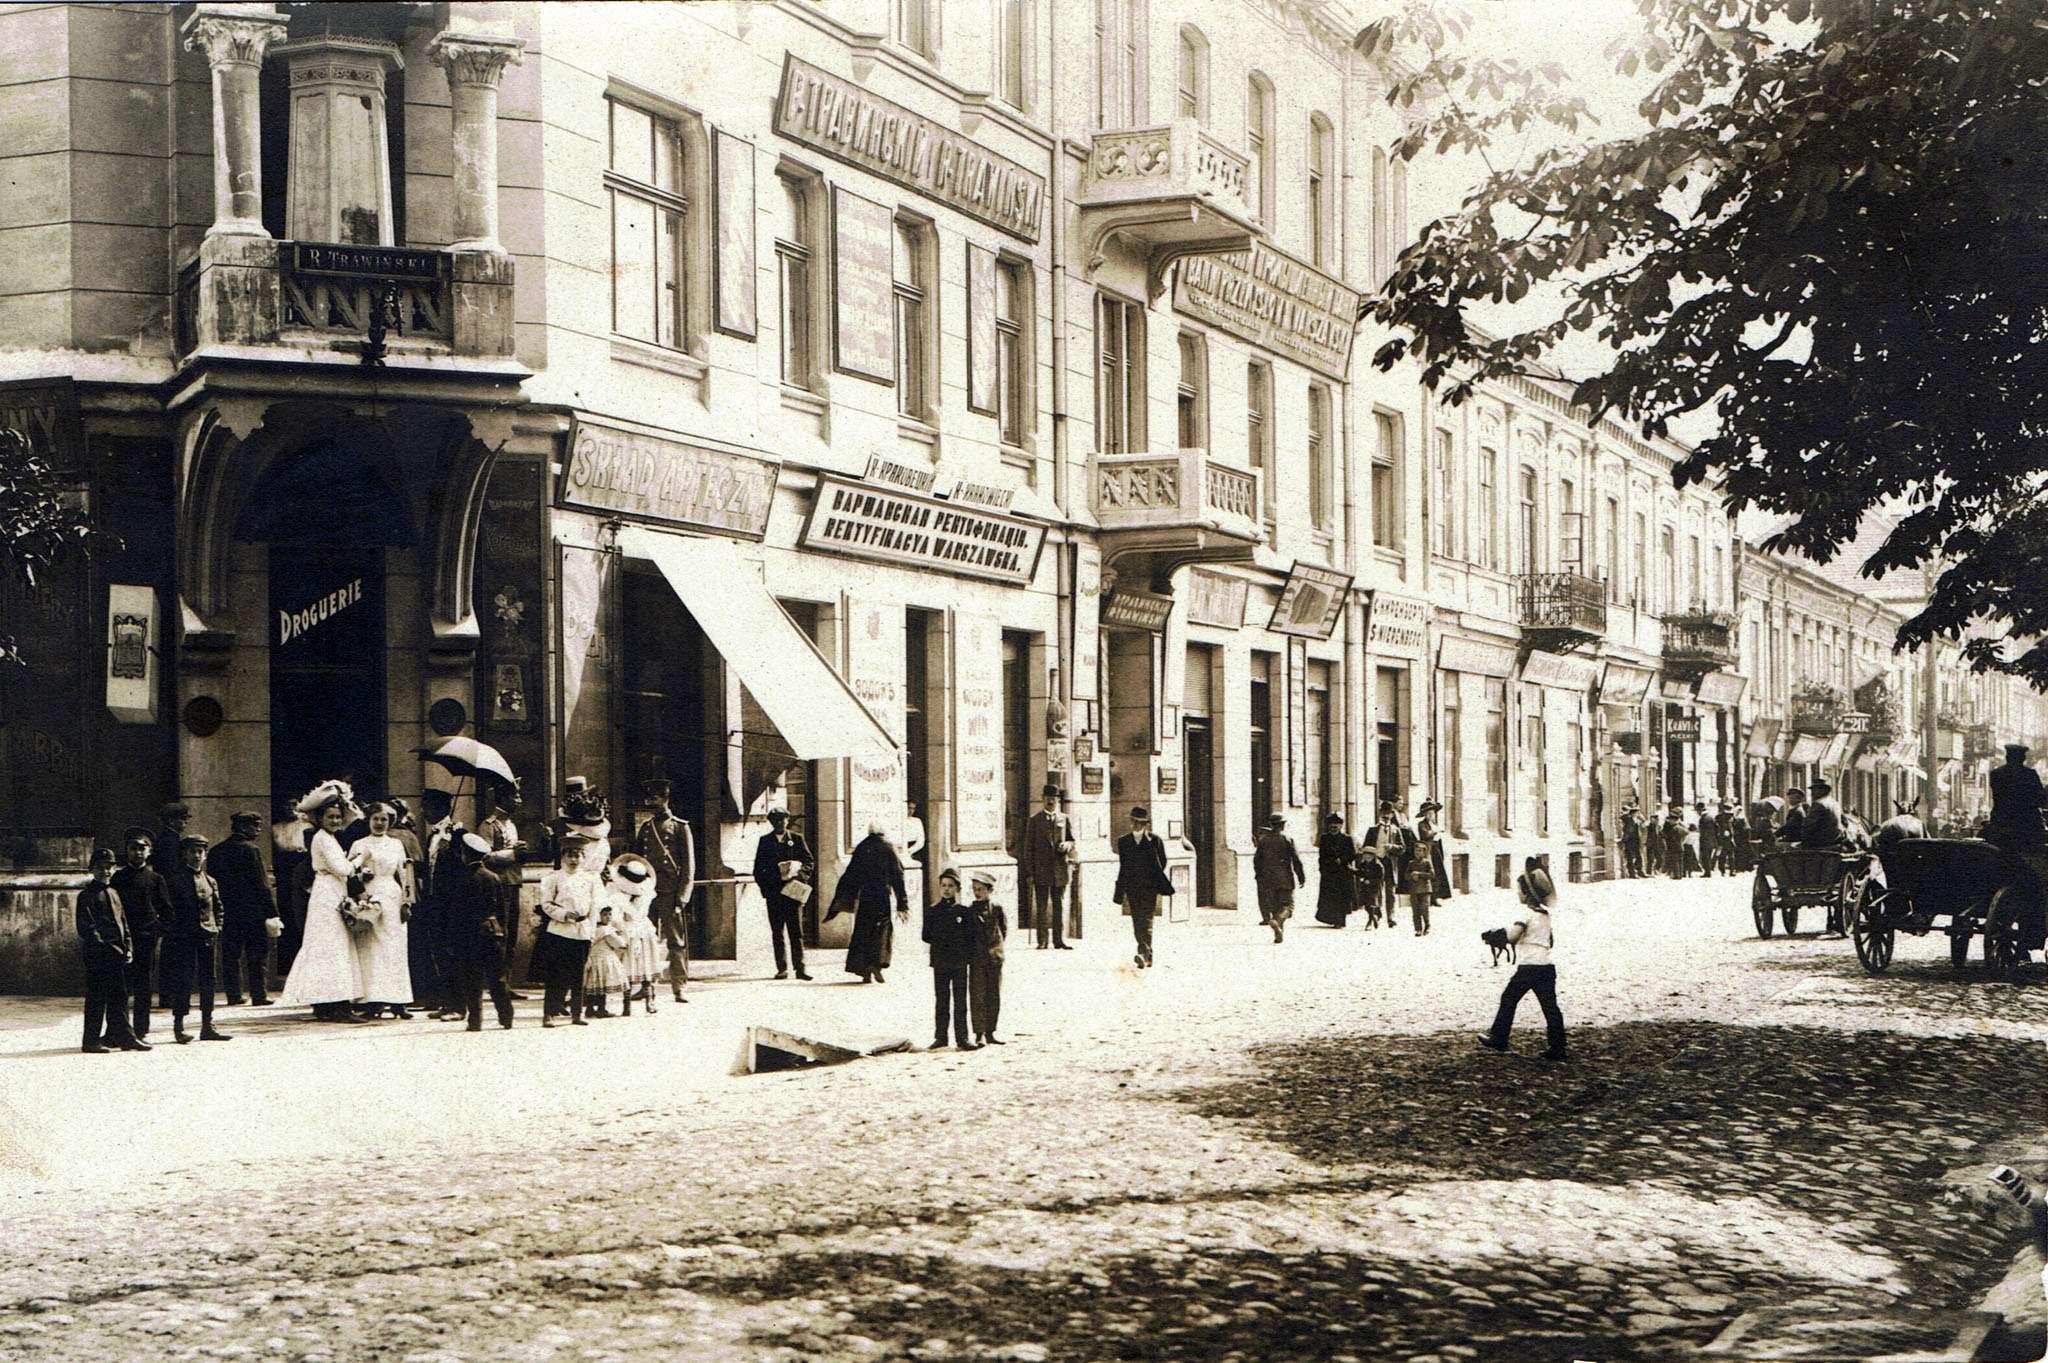 Ulica miasta z początku XX wieku